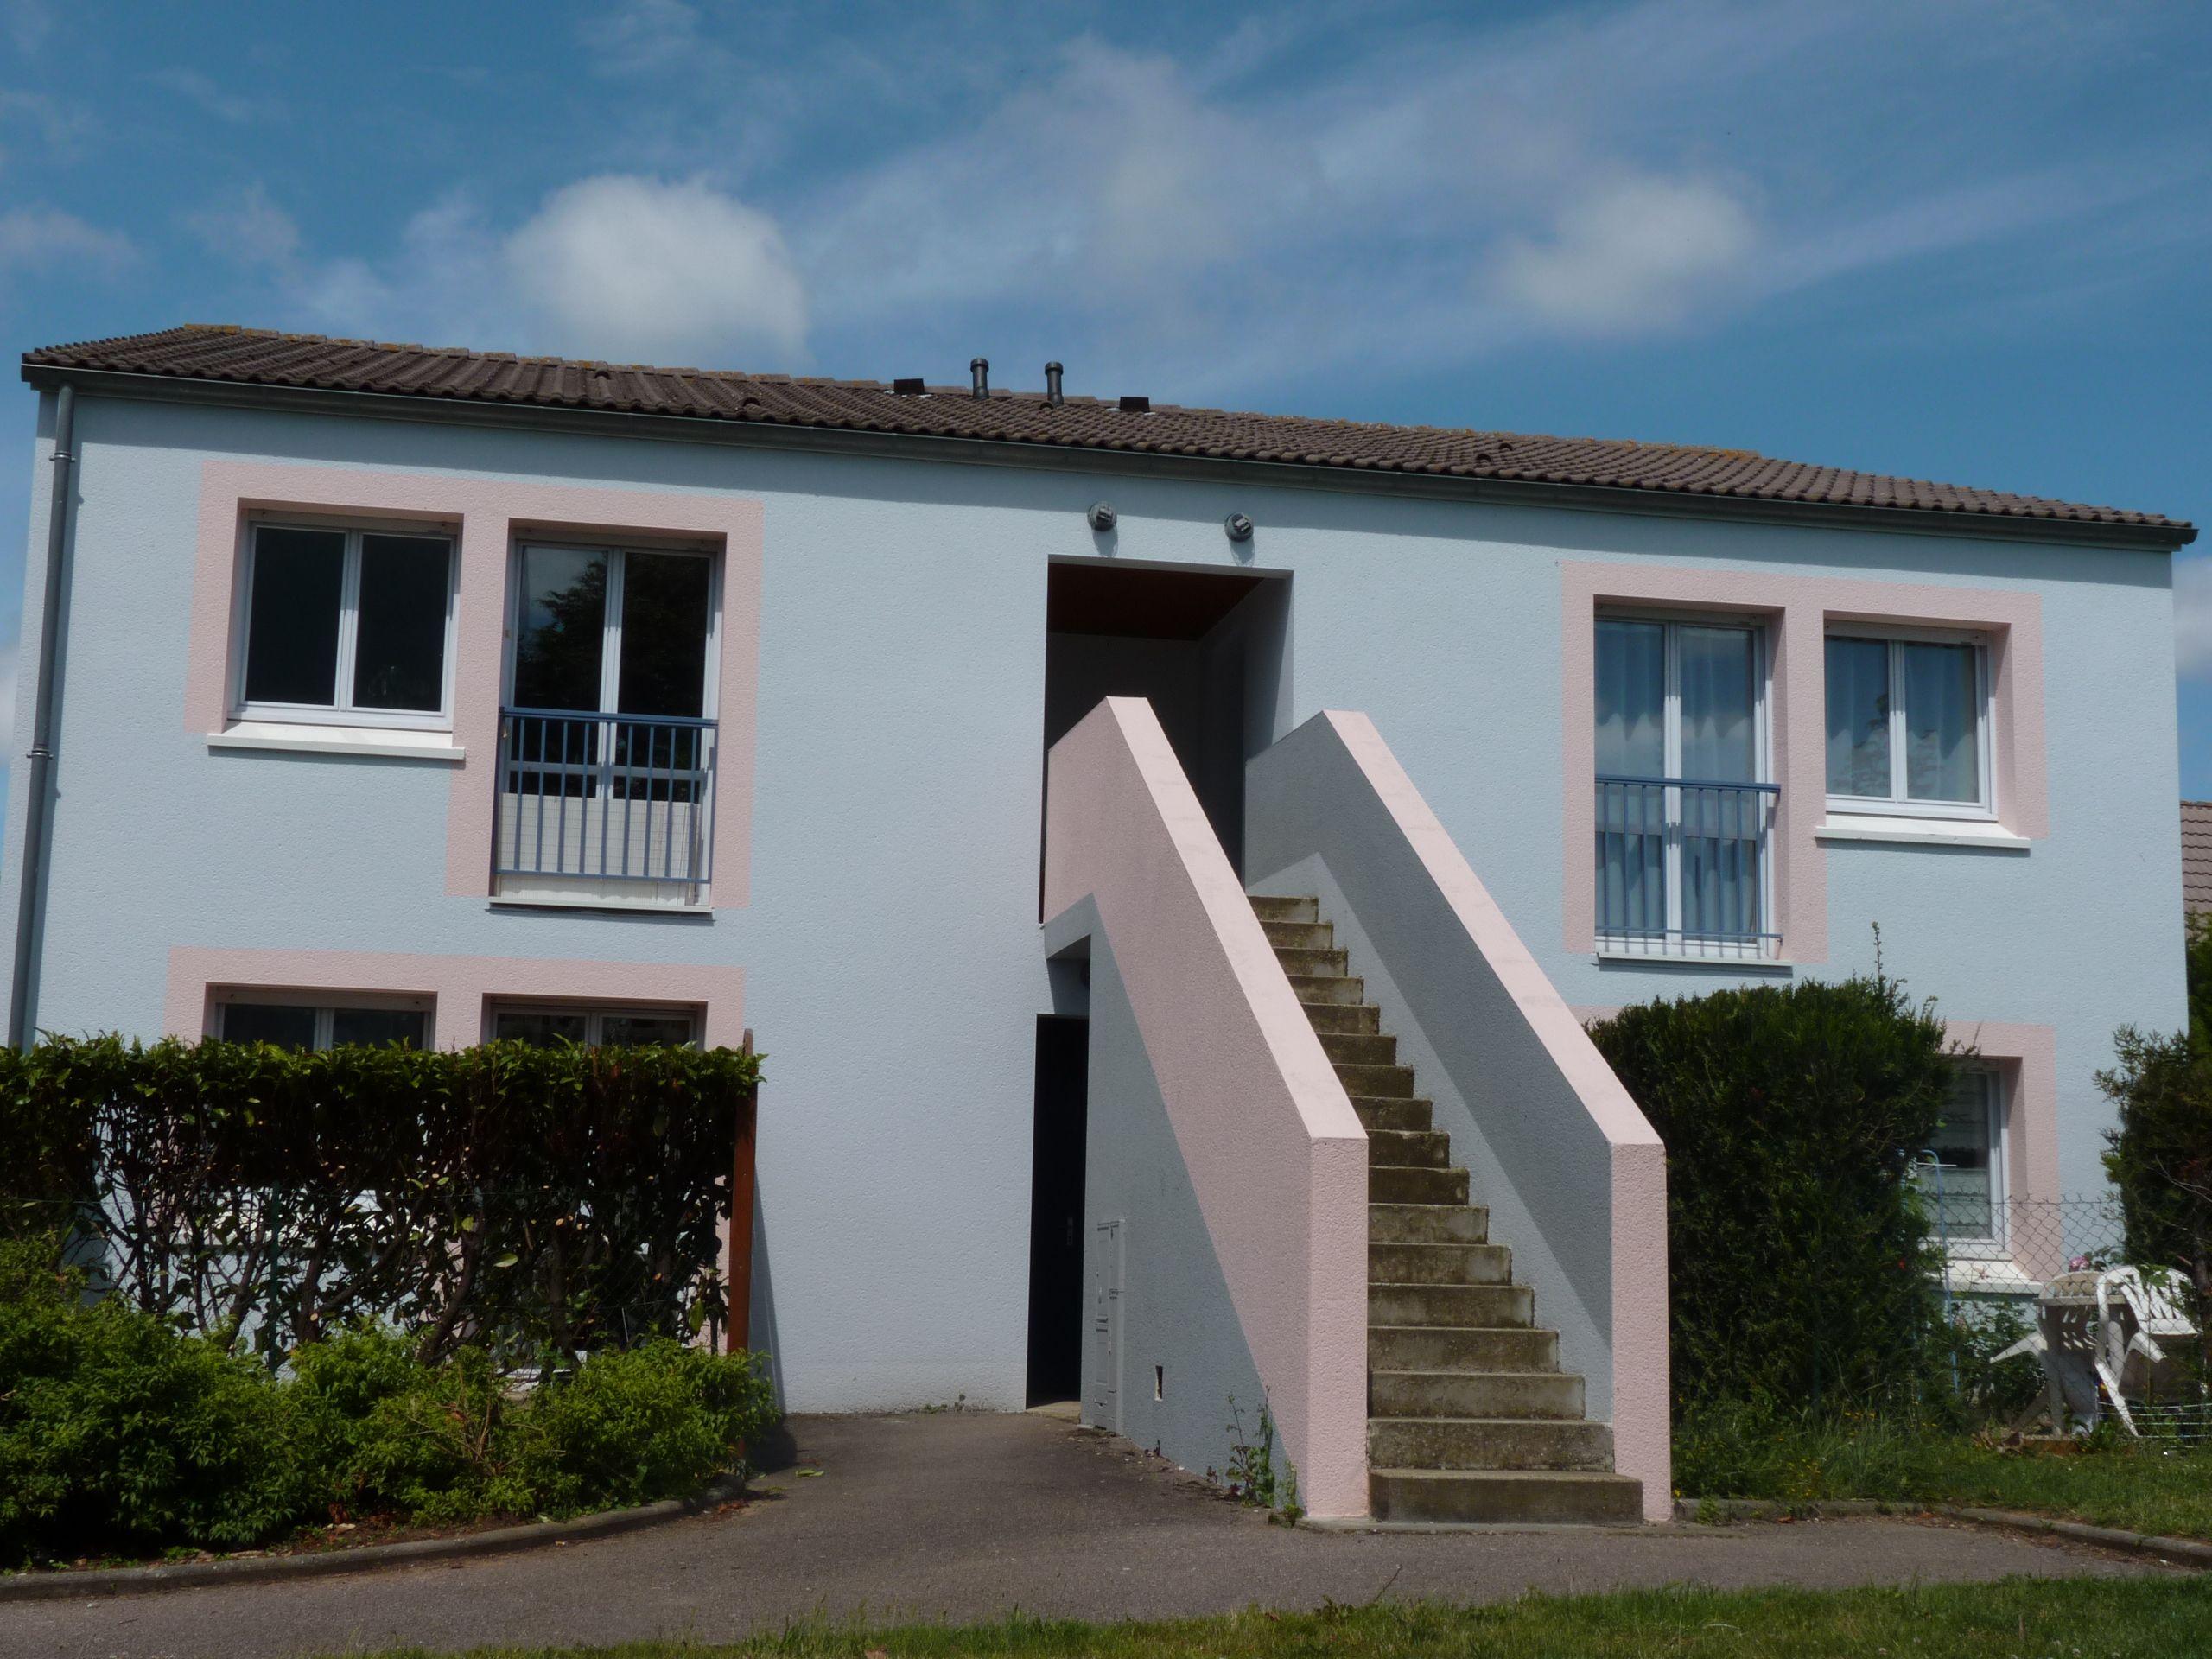 Logement argentan locataion appartement t3 for Entretien exterieur locataire